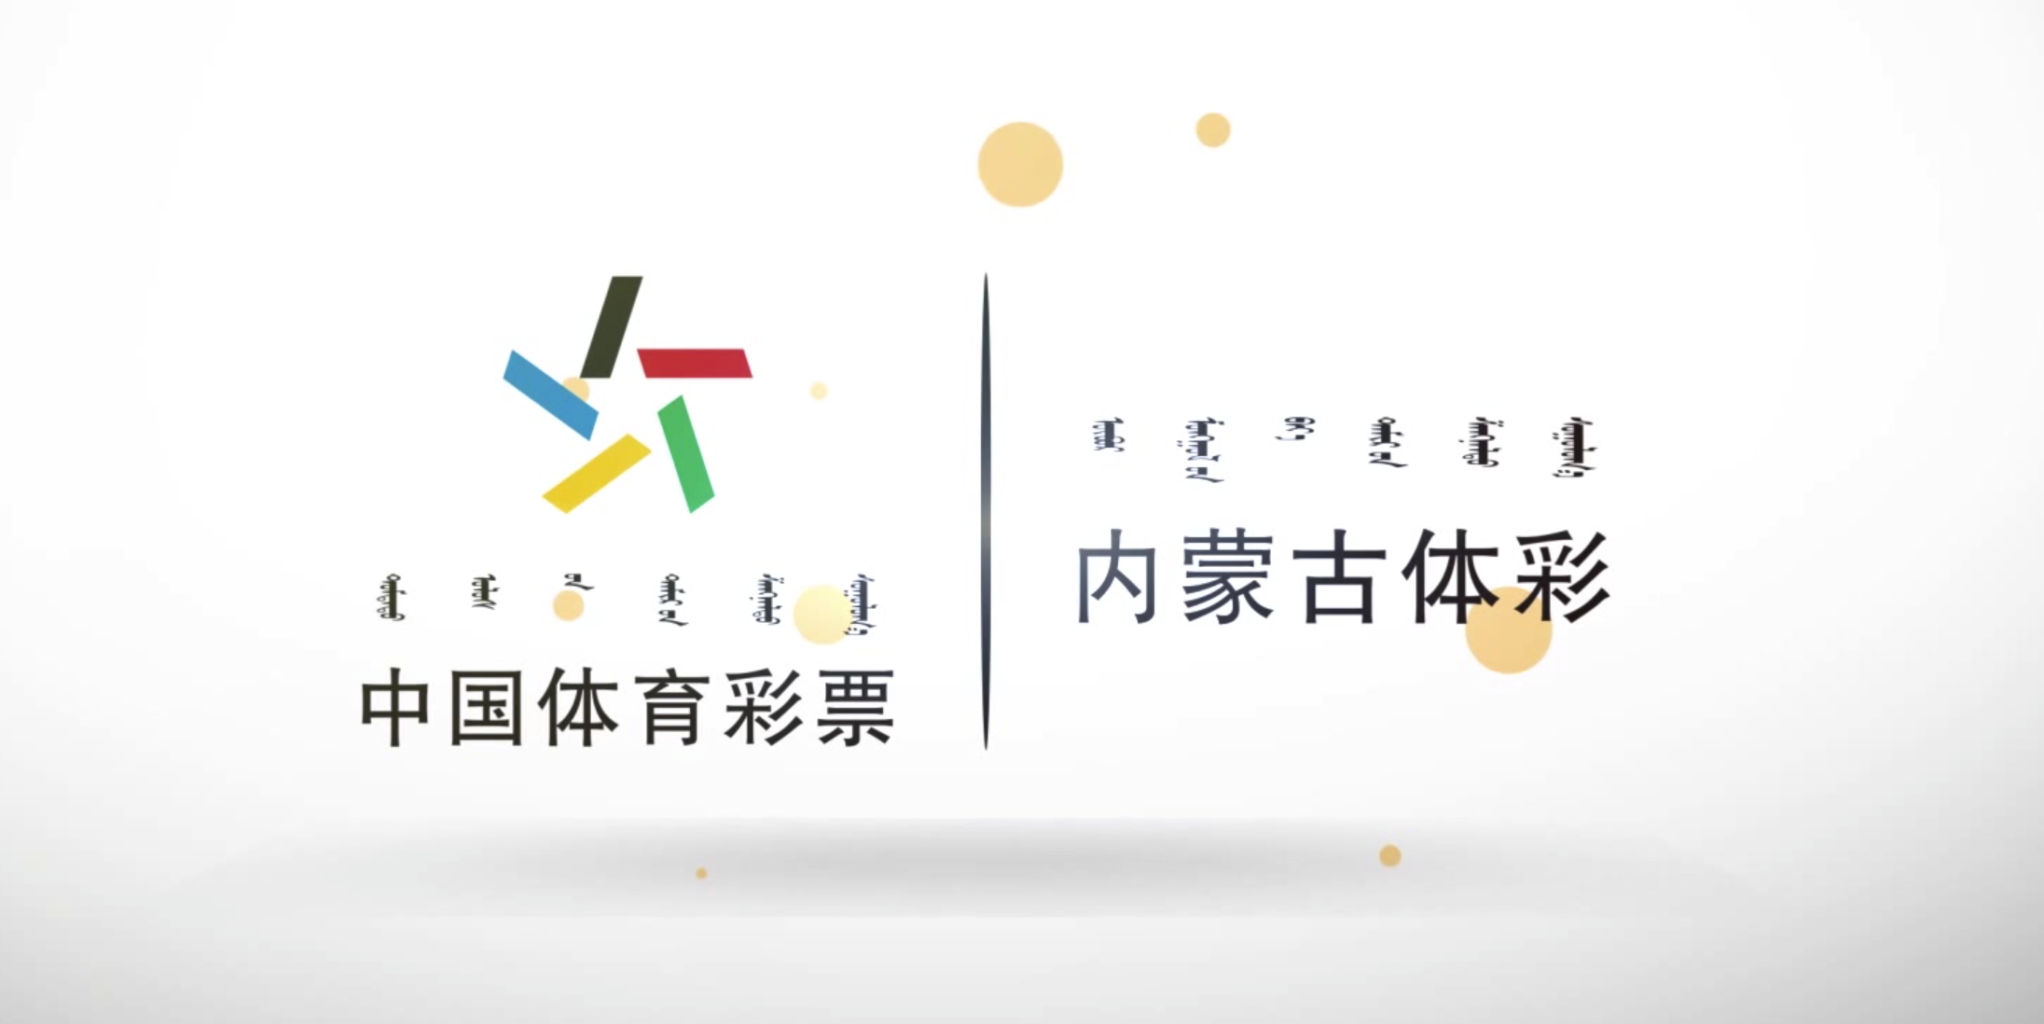 内蒙古体彩宣传片四